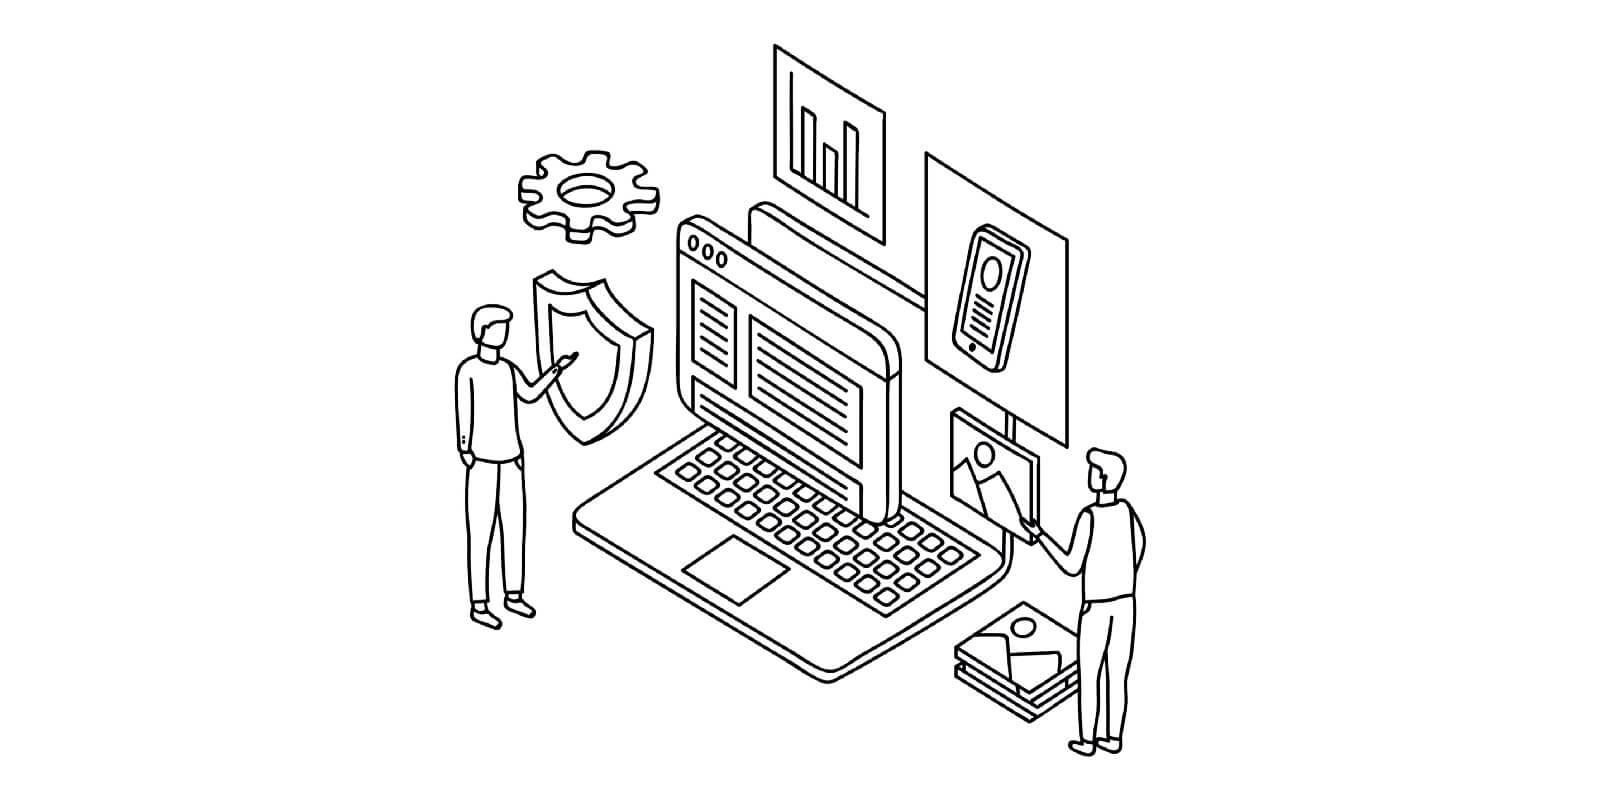 Introdução à pesquisa de design UX